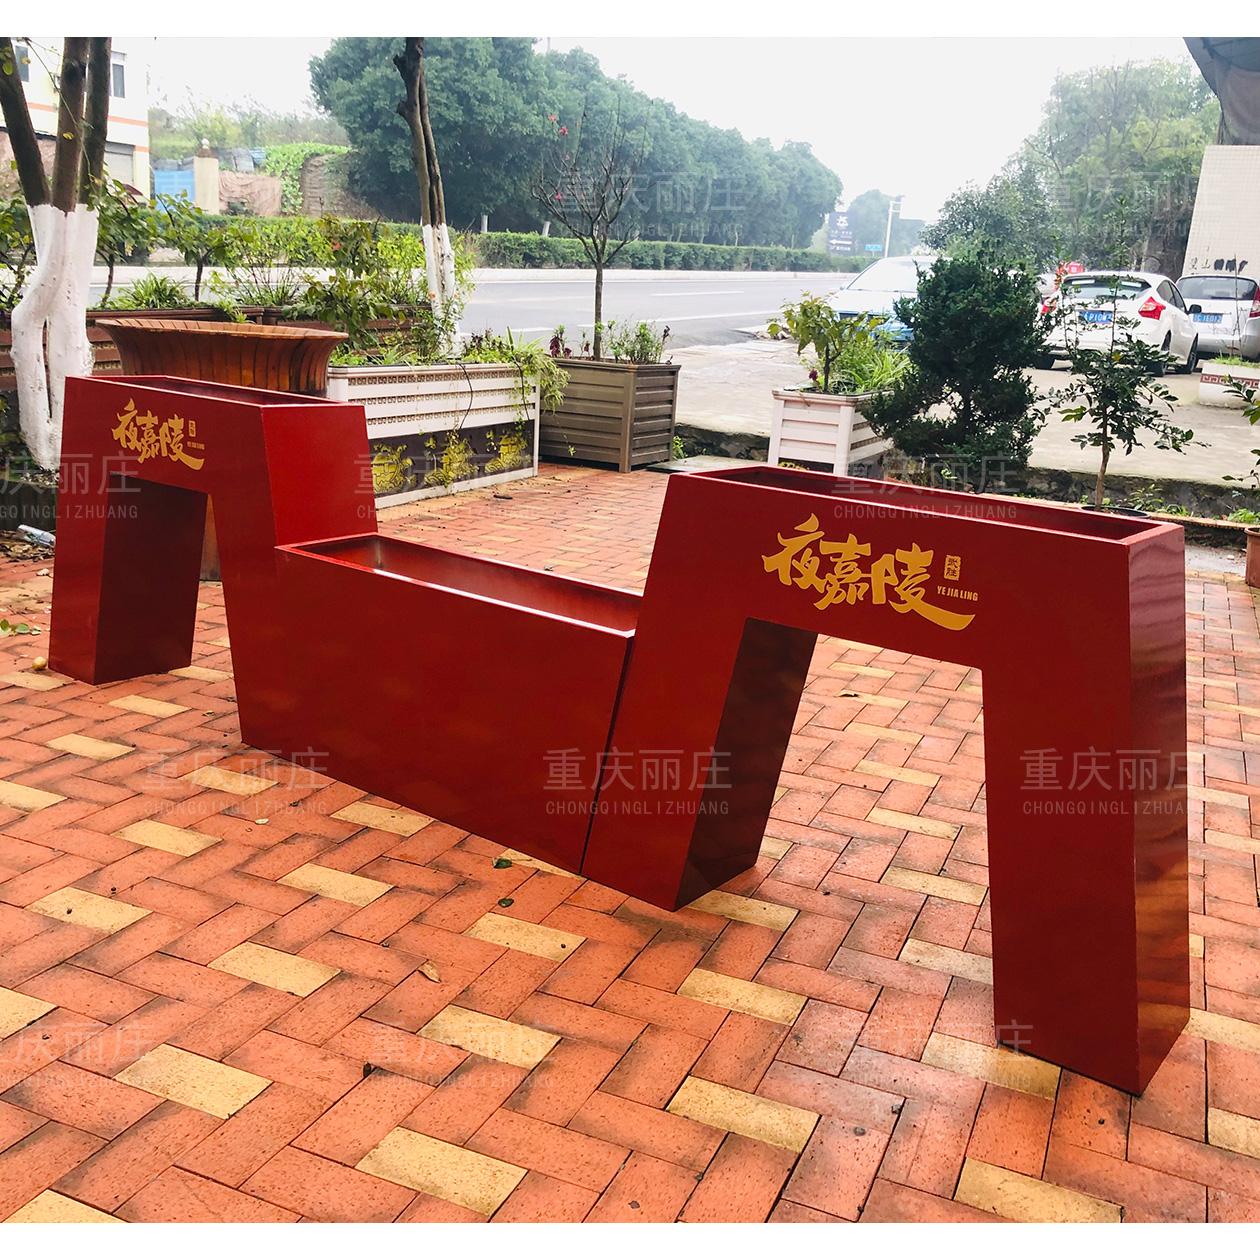 重庆丽庄铝合金组合花箱定制LOGO铝板花箱厂家直销